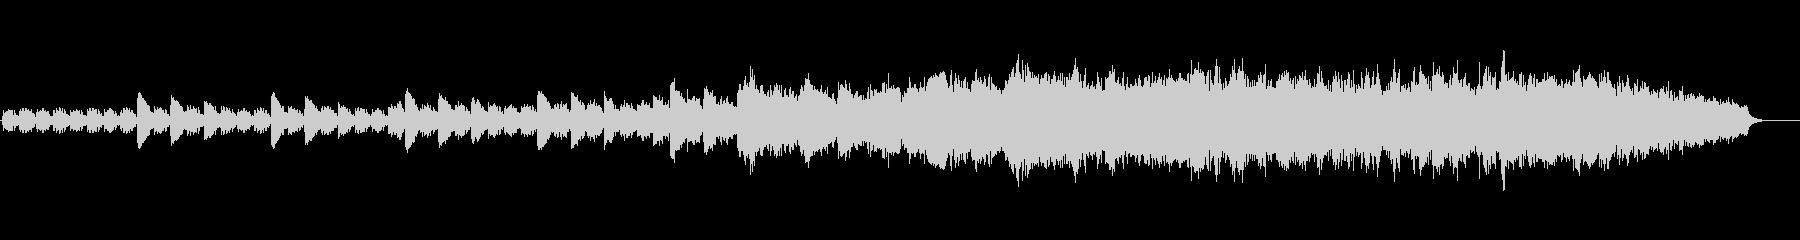 チェレスタが印象的な幻想的な曲の未再生の波形